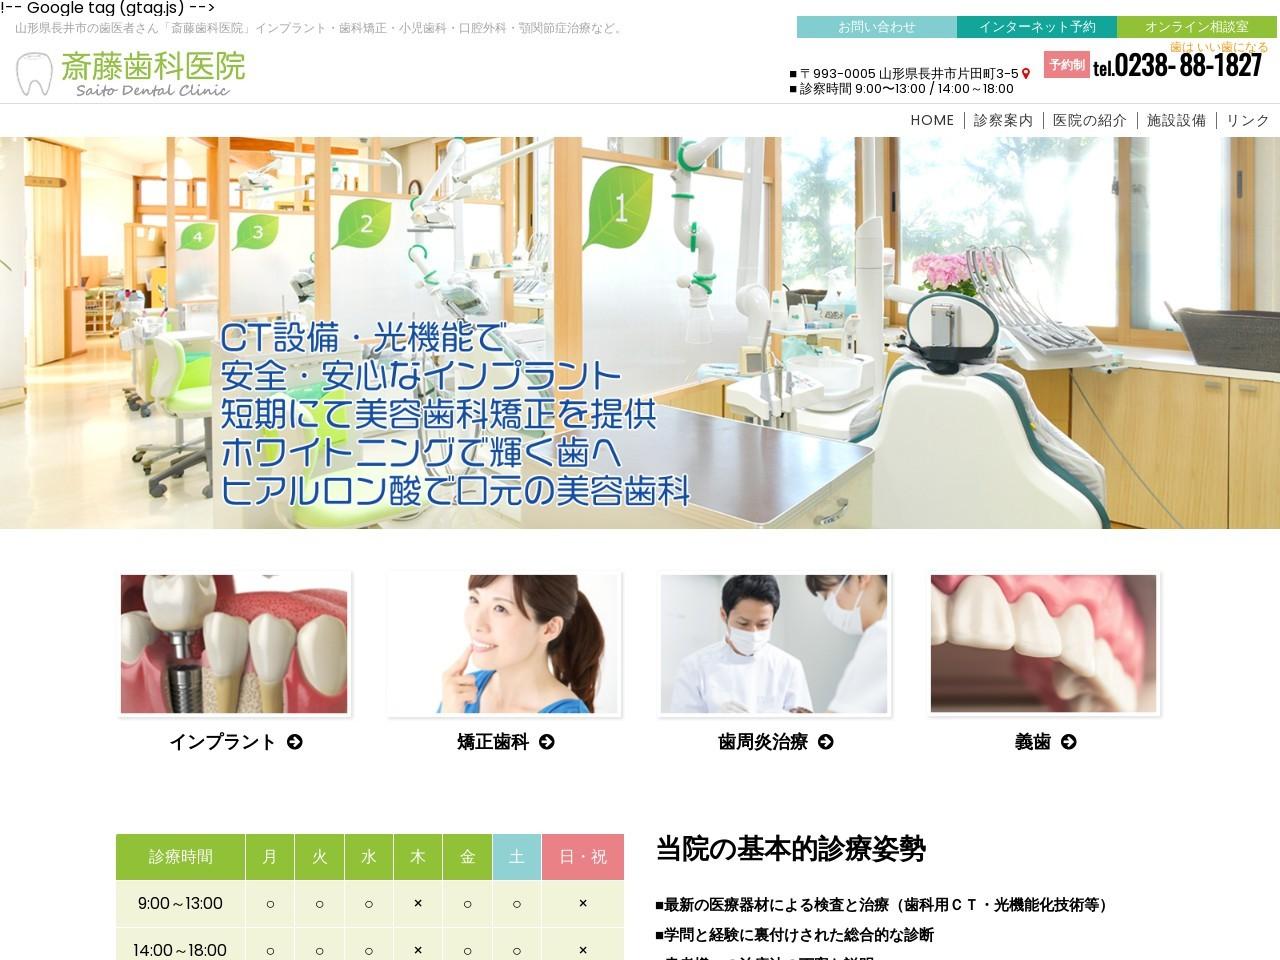 医療法人誠歯会  斎藤歯科医院 (山形県長井市)